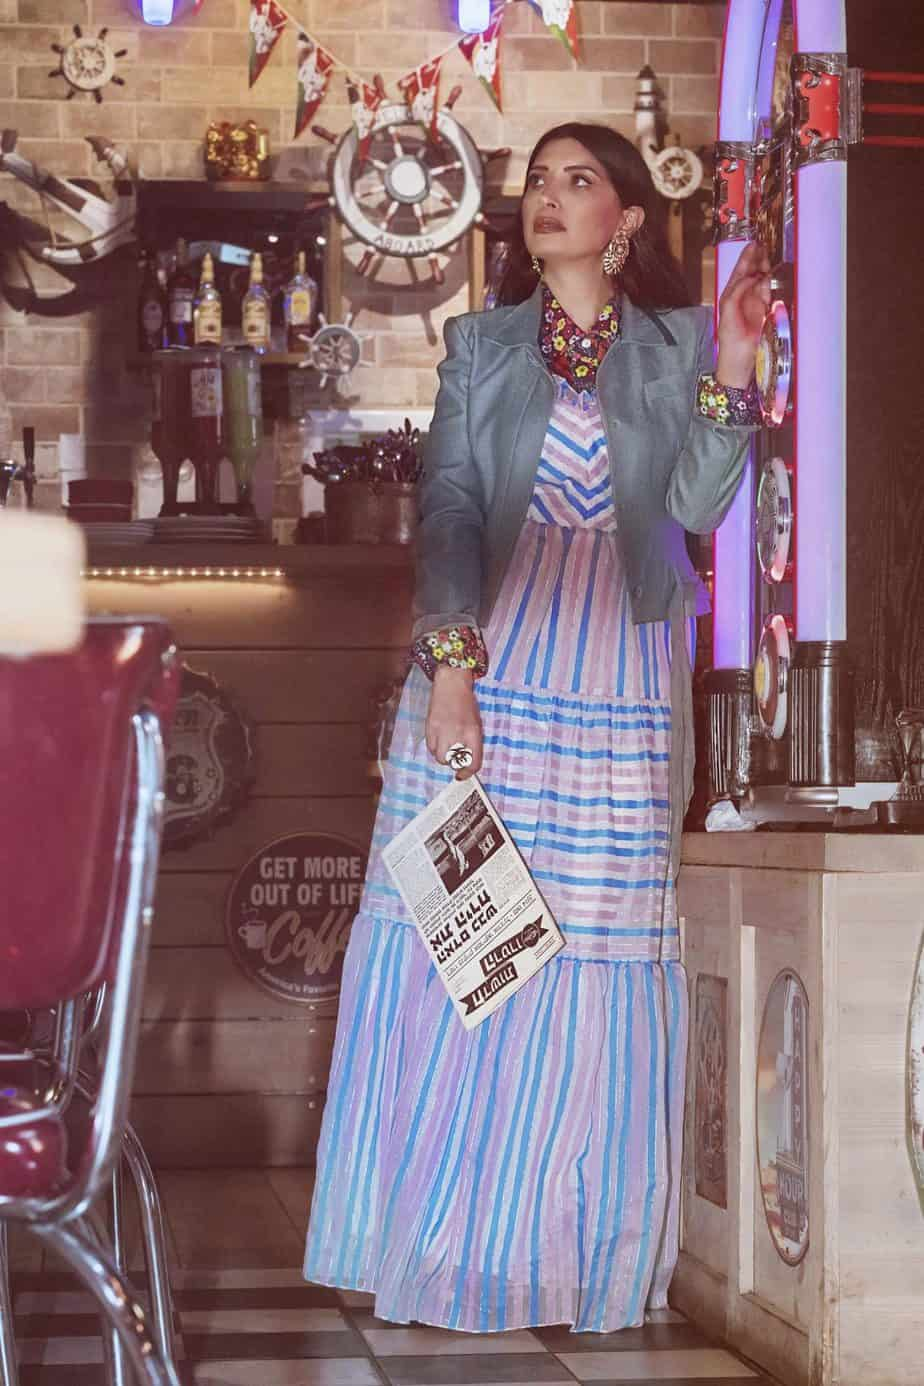 חולצה מודפסת שנות ה- 70, שמלה מקסי, ג'קט של ג'ון גליאנו (2), מאיה אושרי כהן, אופנה שנות השבעים,צילום Gennadiy Tsodik